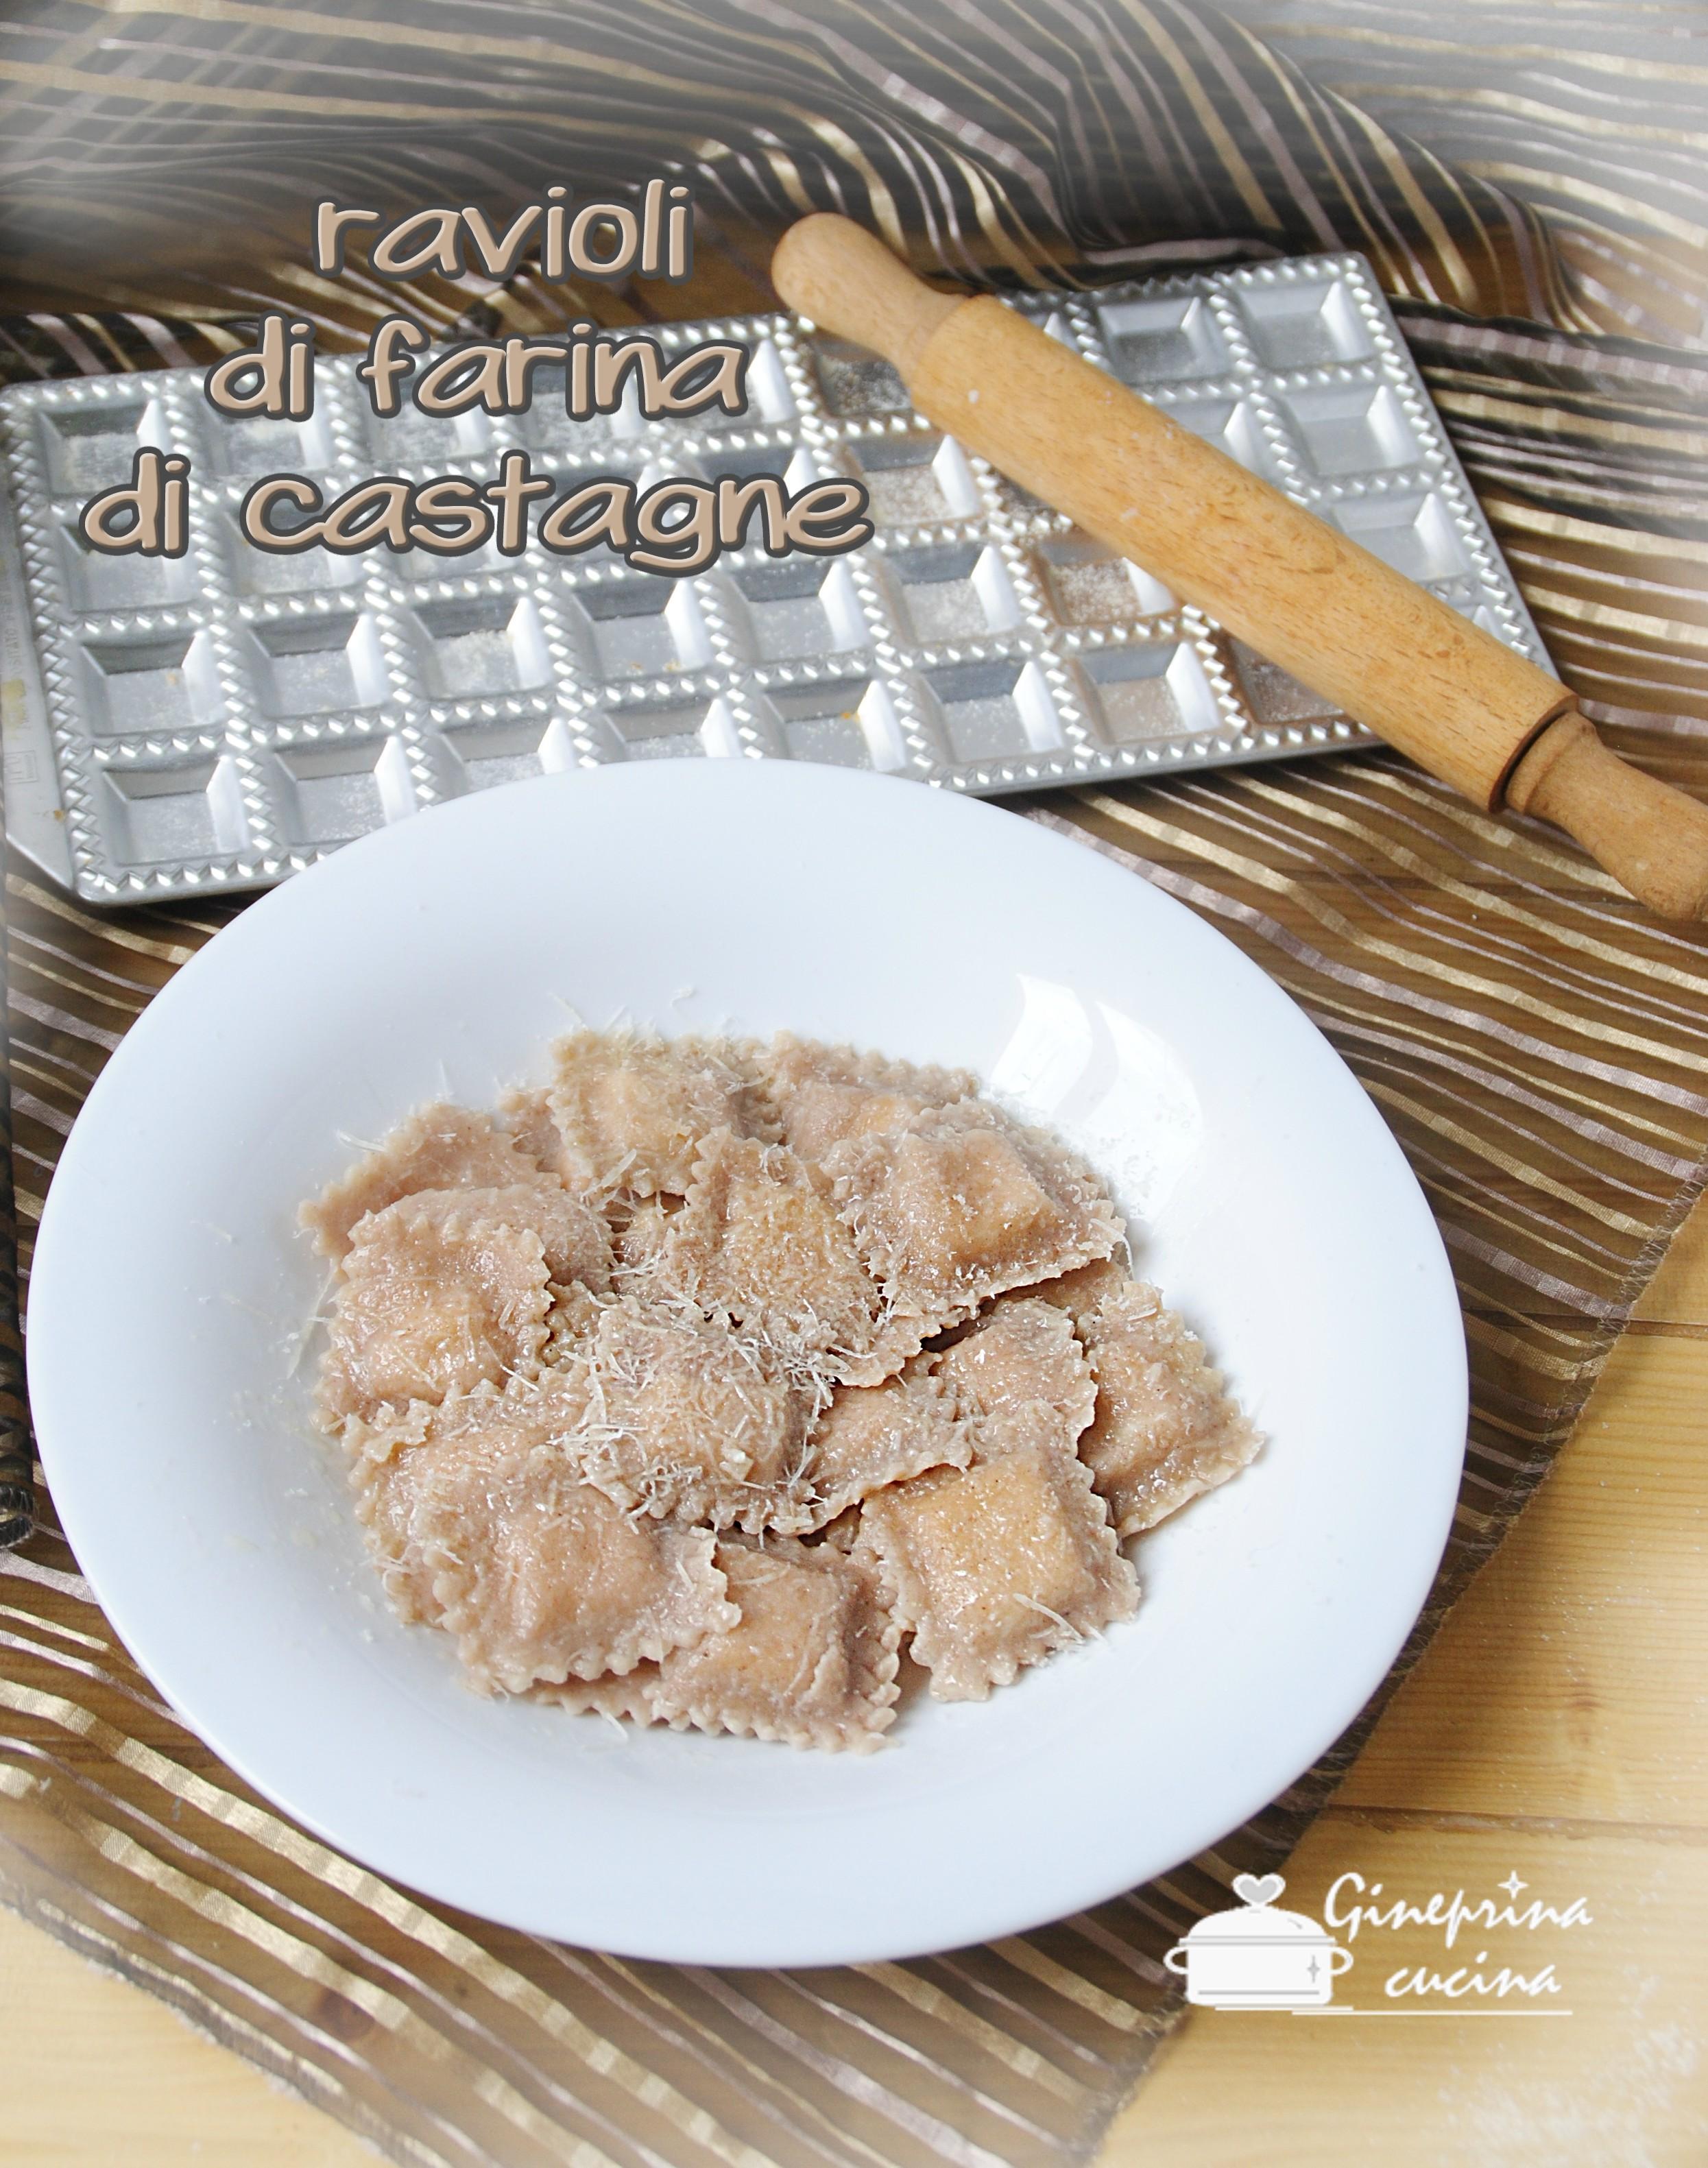 ravioli di farina di castagne